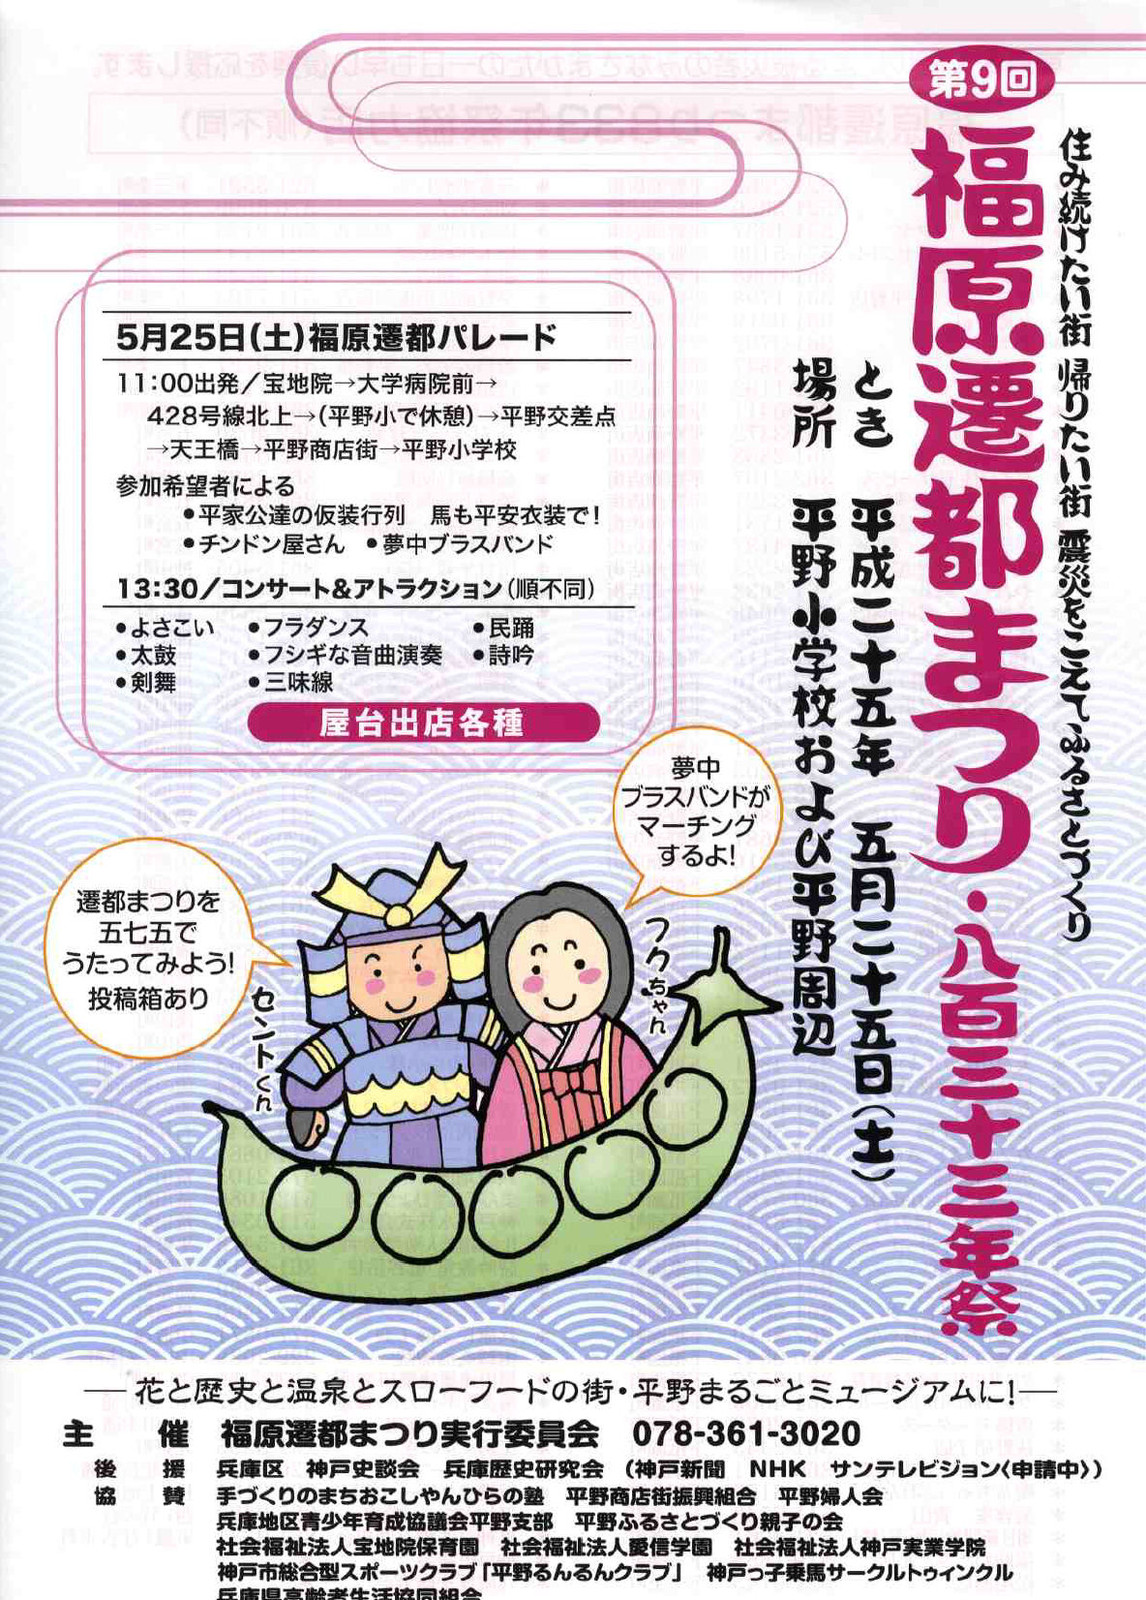 福原遷都まつり833年祭・兵庫区平野小学校